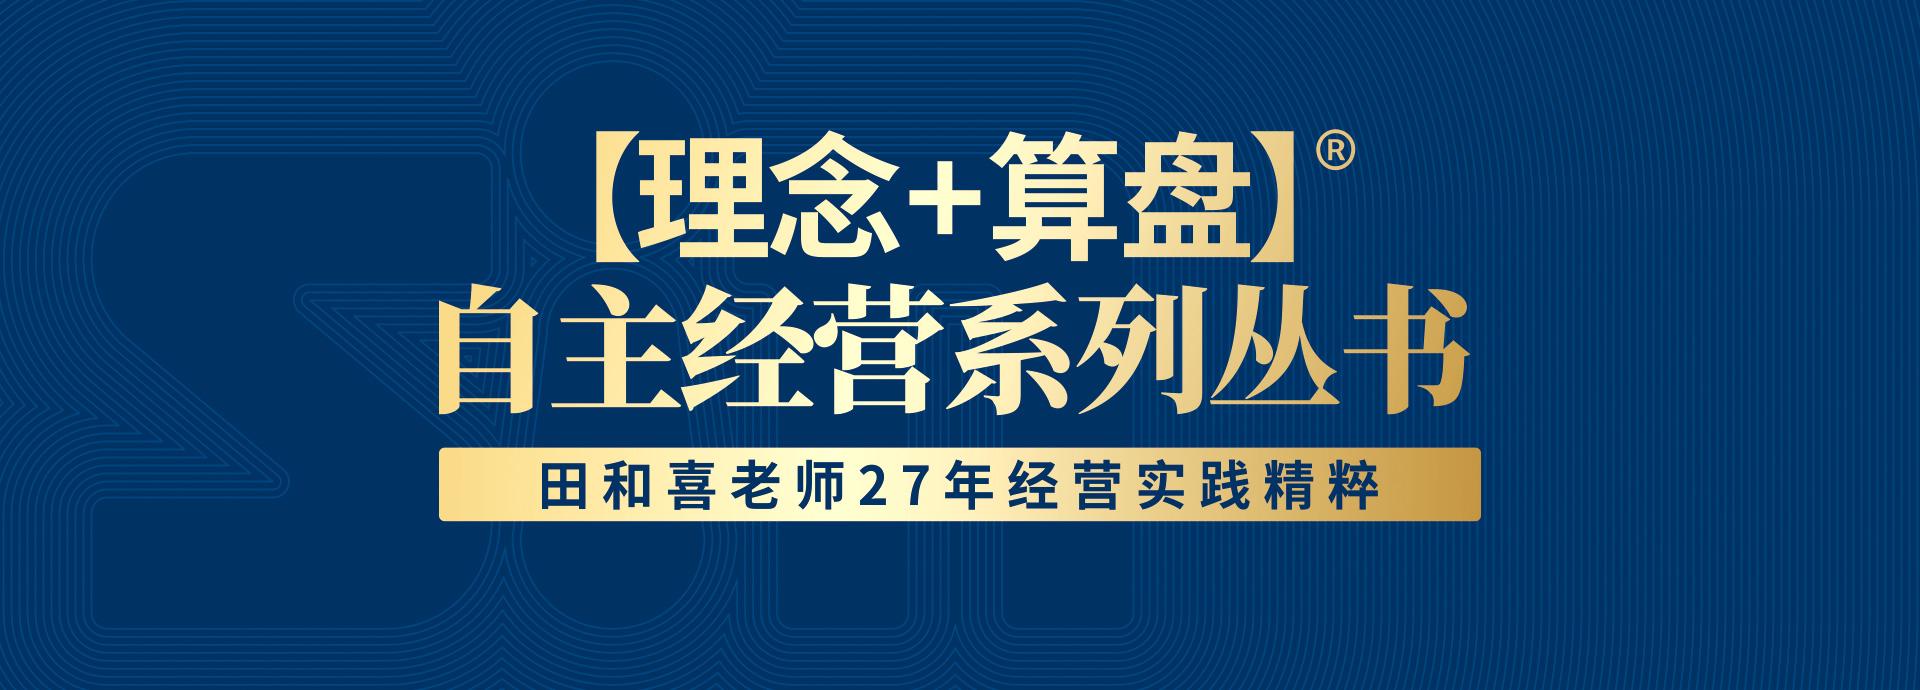 广州道成阿米巴-广州市阿米巴经营管理研究院-阿米巴出版物banner